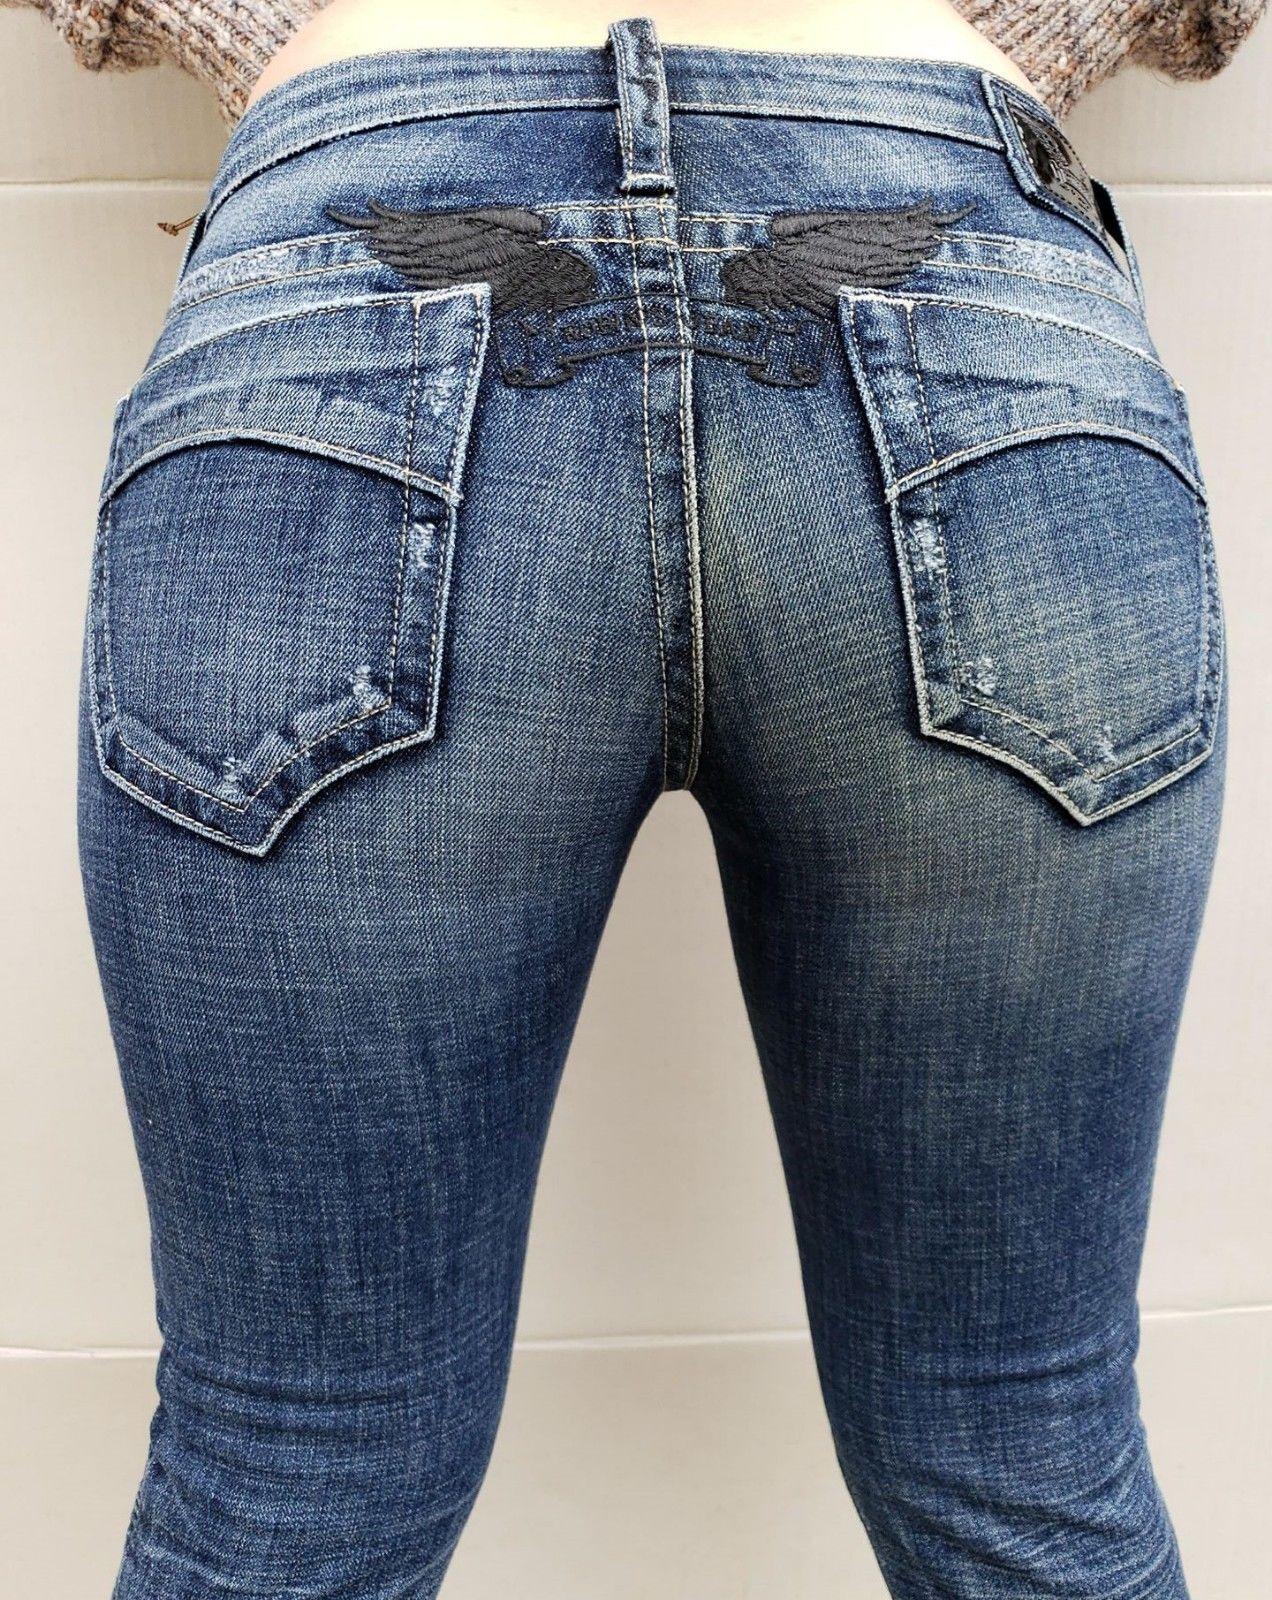 New Women's ROBIN'S JEAN sz 26  SPAC8891 BENSON Skinny Jeans -BlkWings-A1